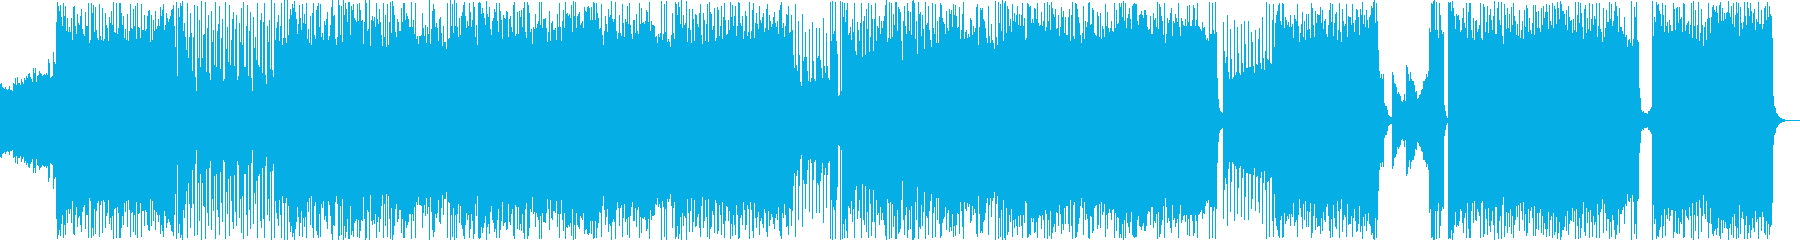 バトルでダークで中二なアニソン風BGMの再生済みの波形